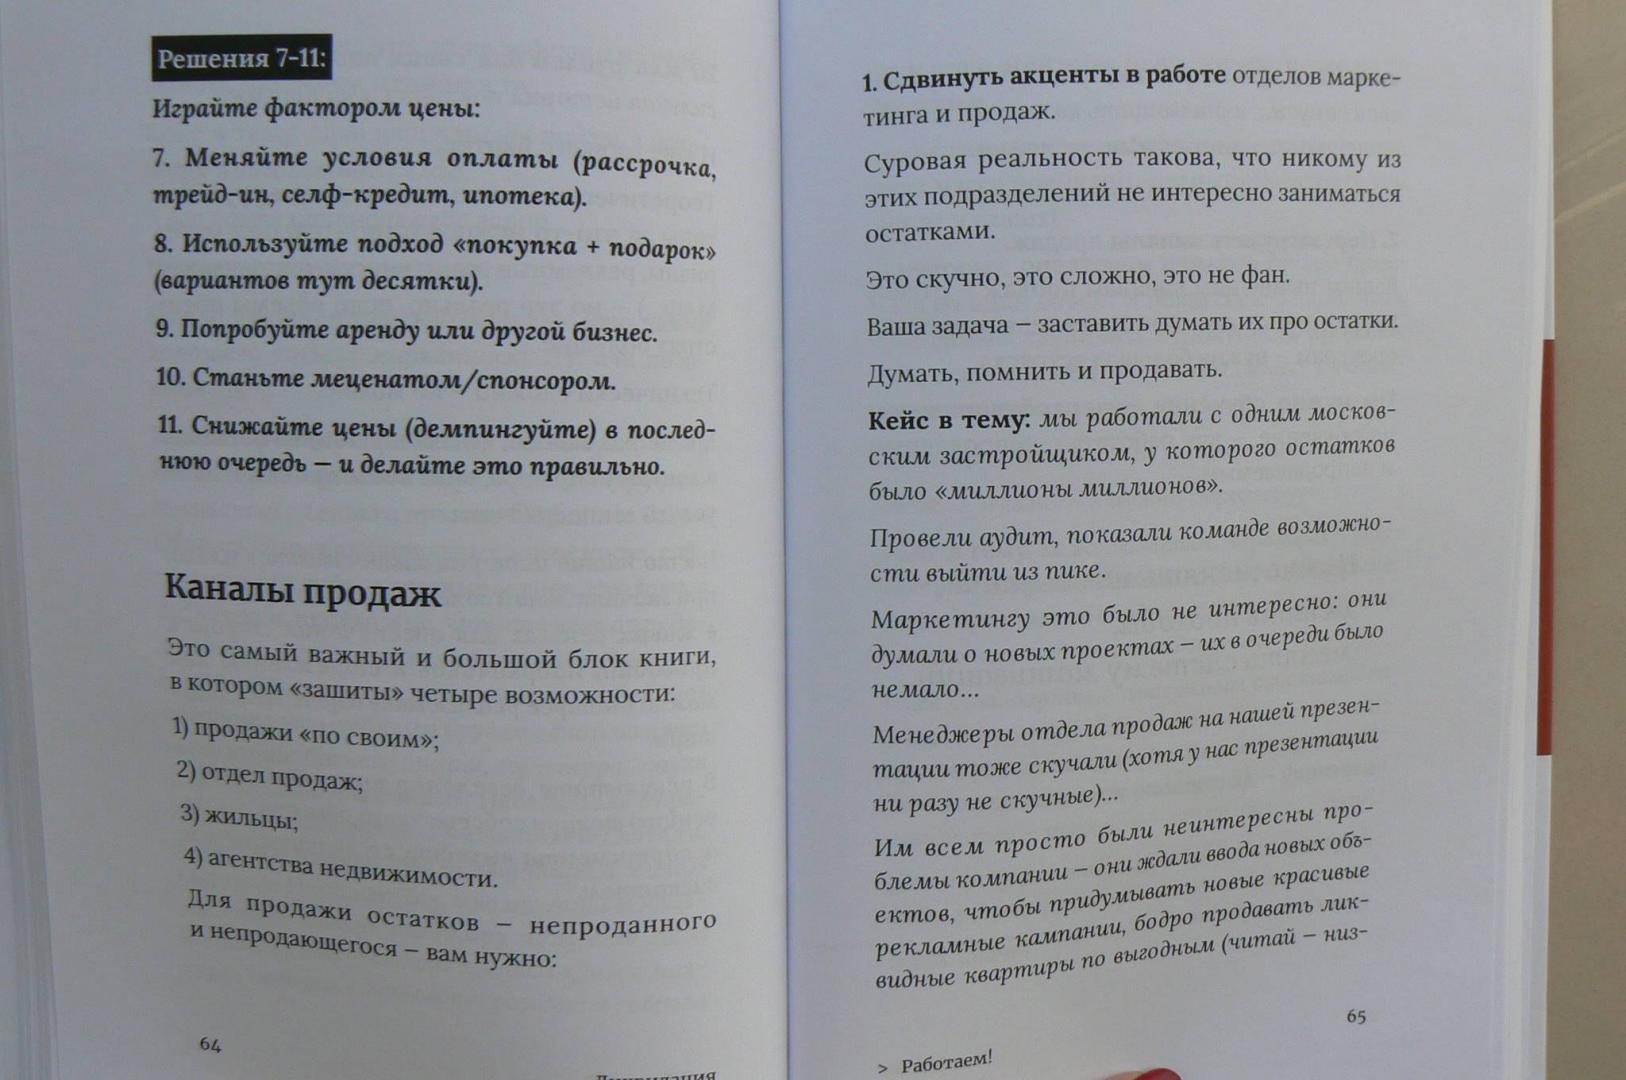 Иллюстрация 14 из 17 для Ликвидация. 22 способа продать непроданное и непродающееся - Манн, Черемных, Киселева   Лабиринт - книги. Источник: Лидия